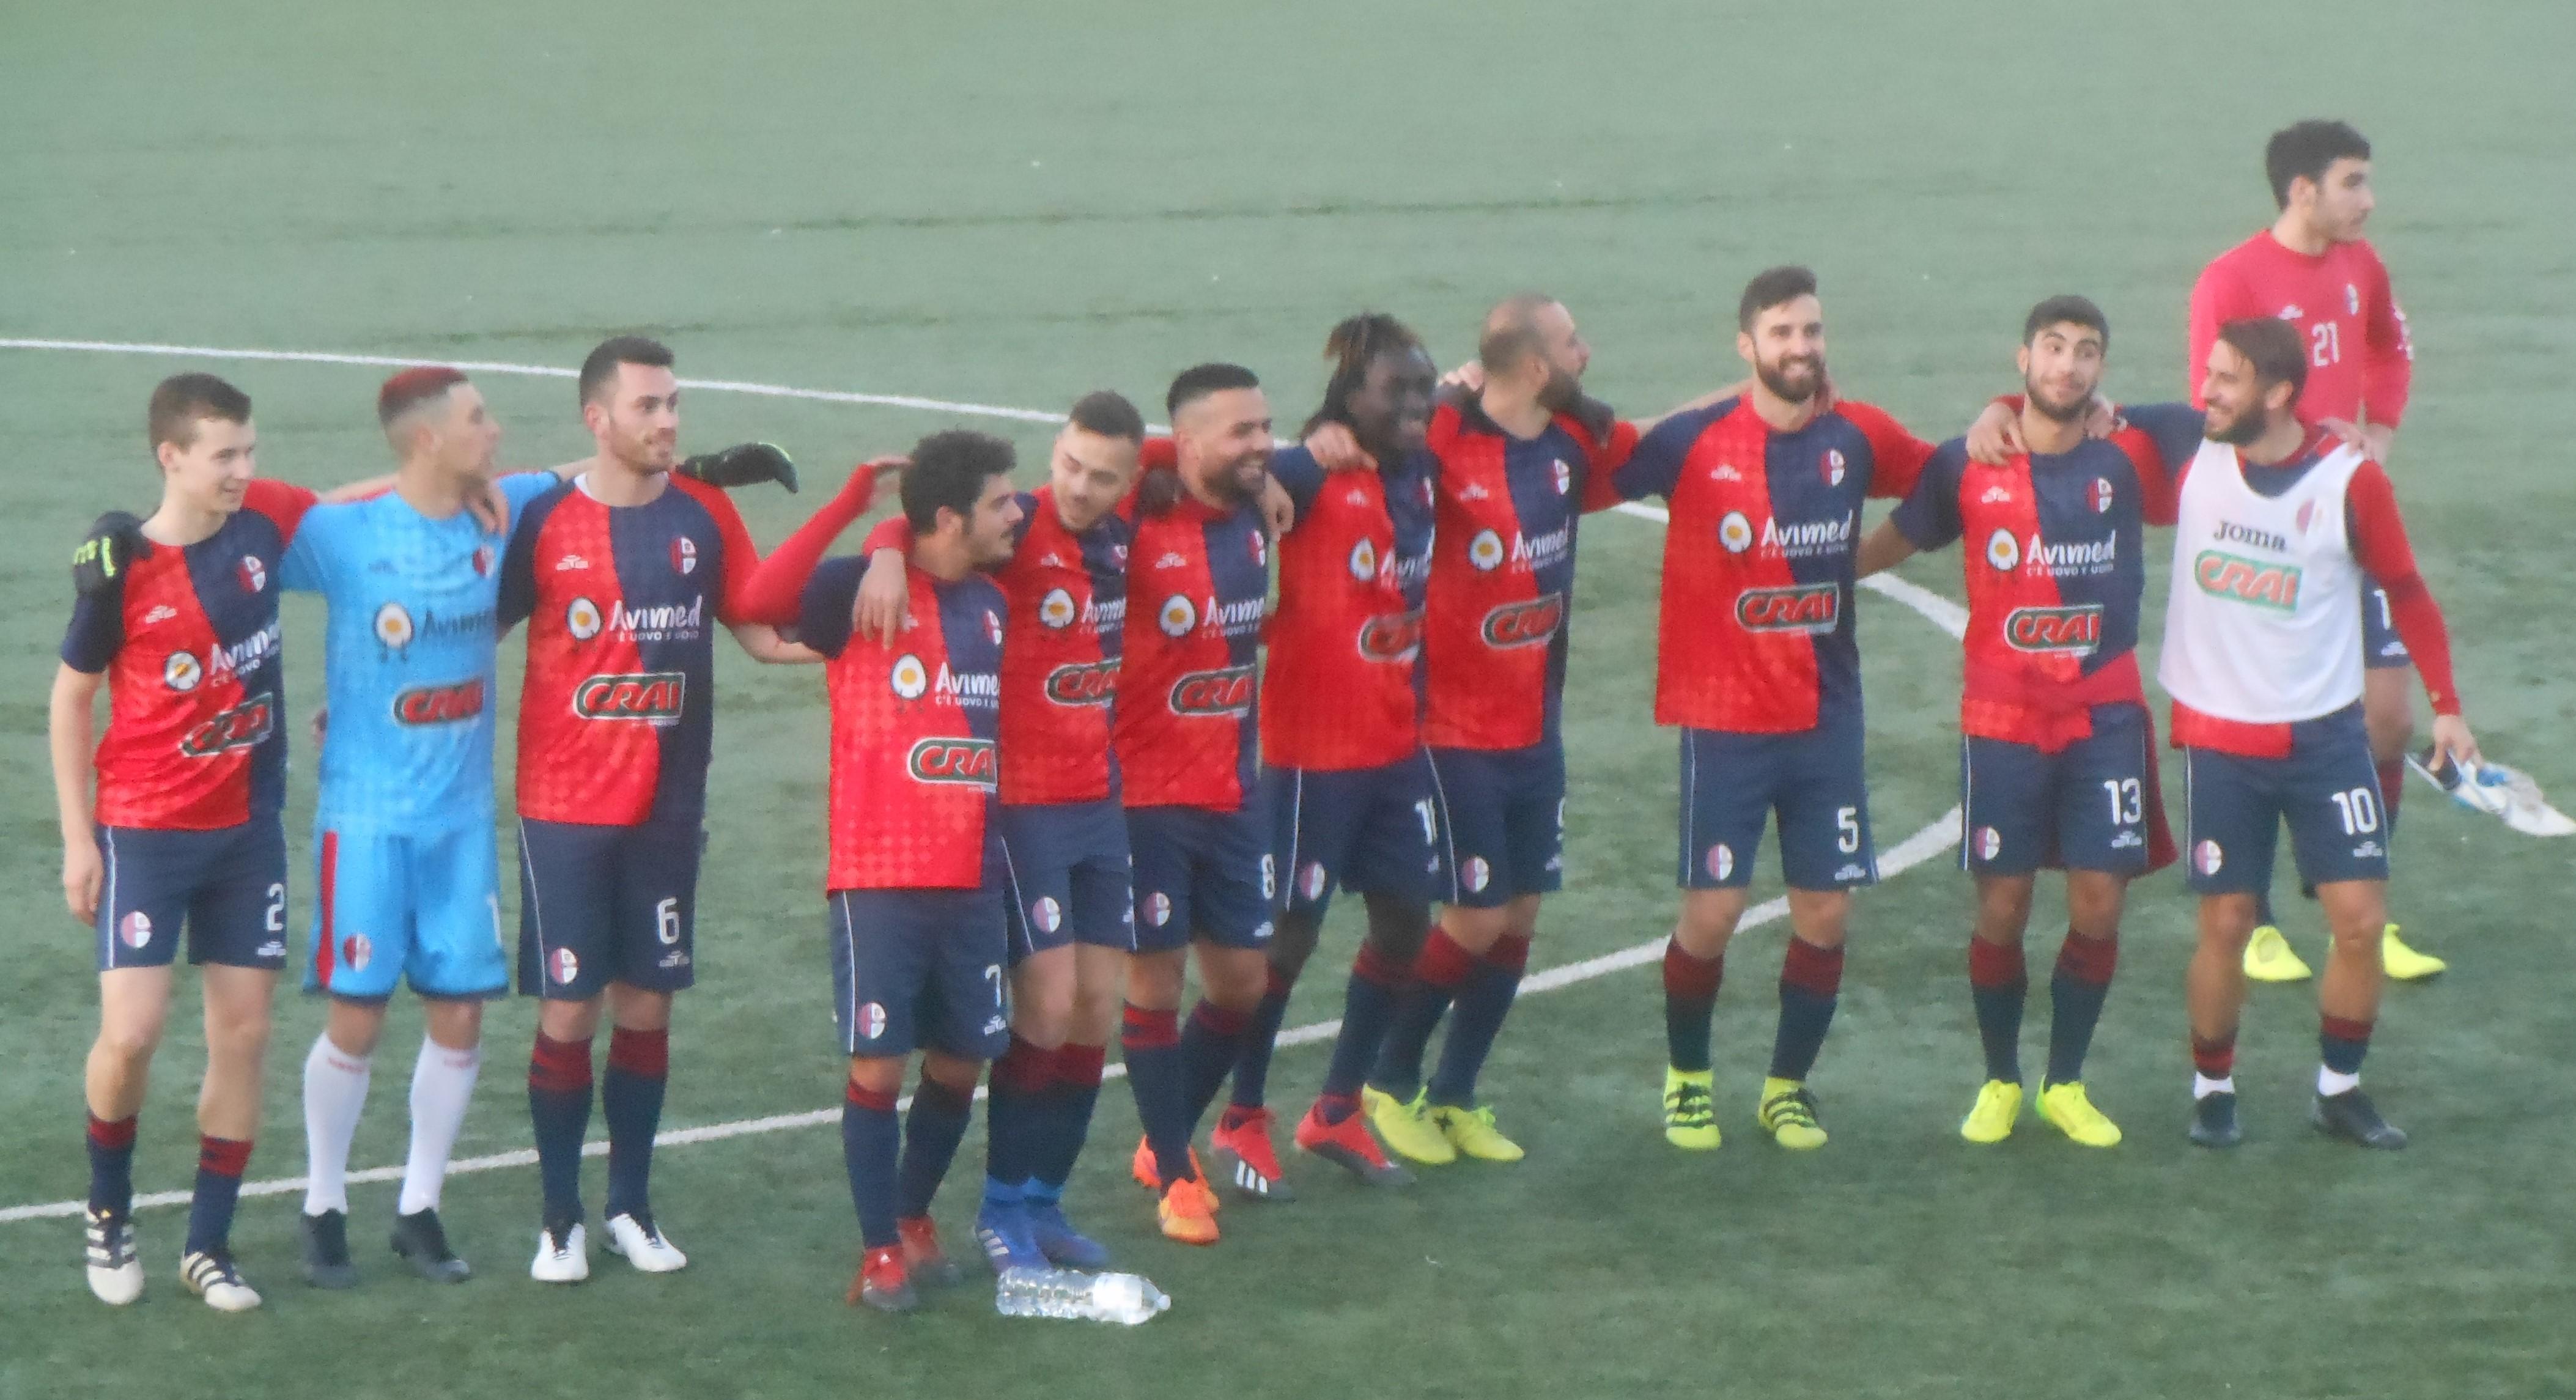 Calcio, Promozione: il Modica batte la Leonfortese (4 a 0) e aggancia la zona play off